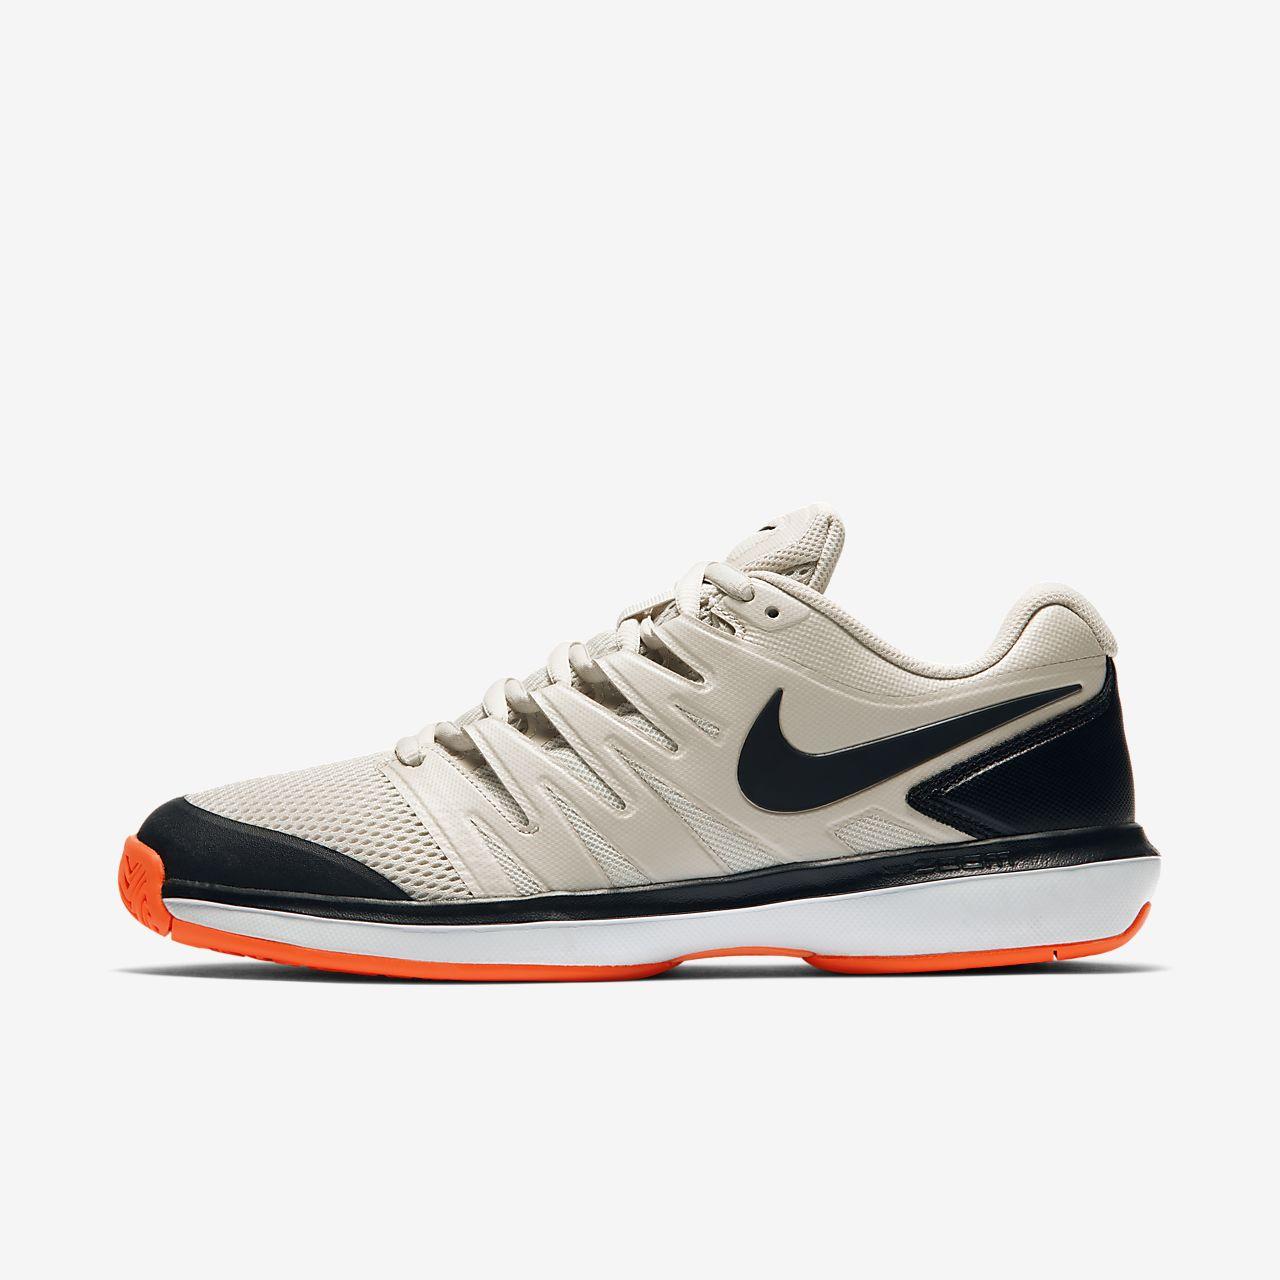 NikeCourt Air Zoom Prestige Herren Tennisschuh für Hartplätze